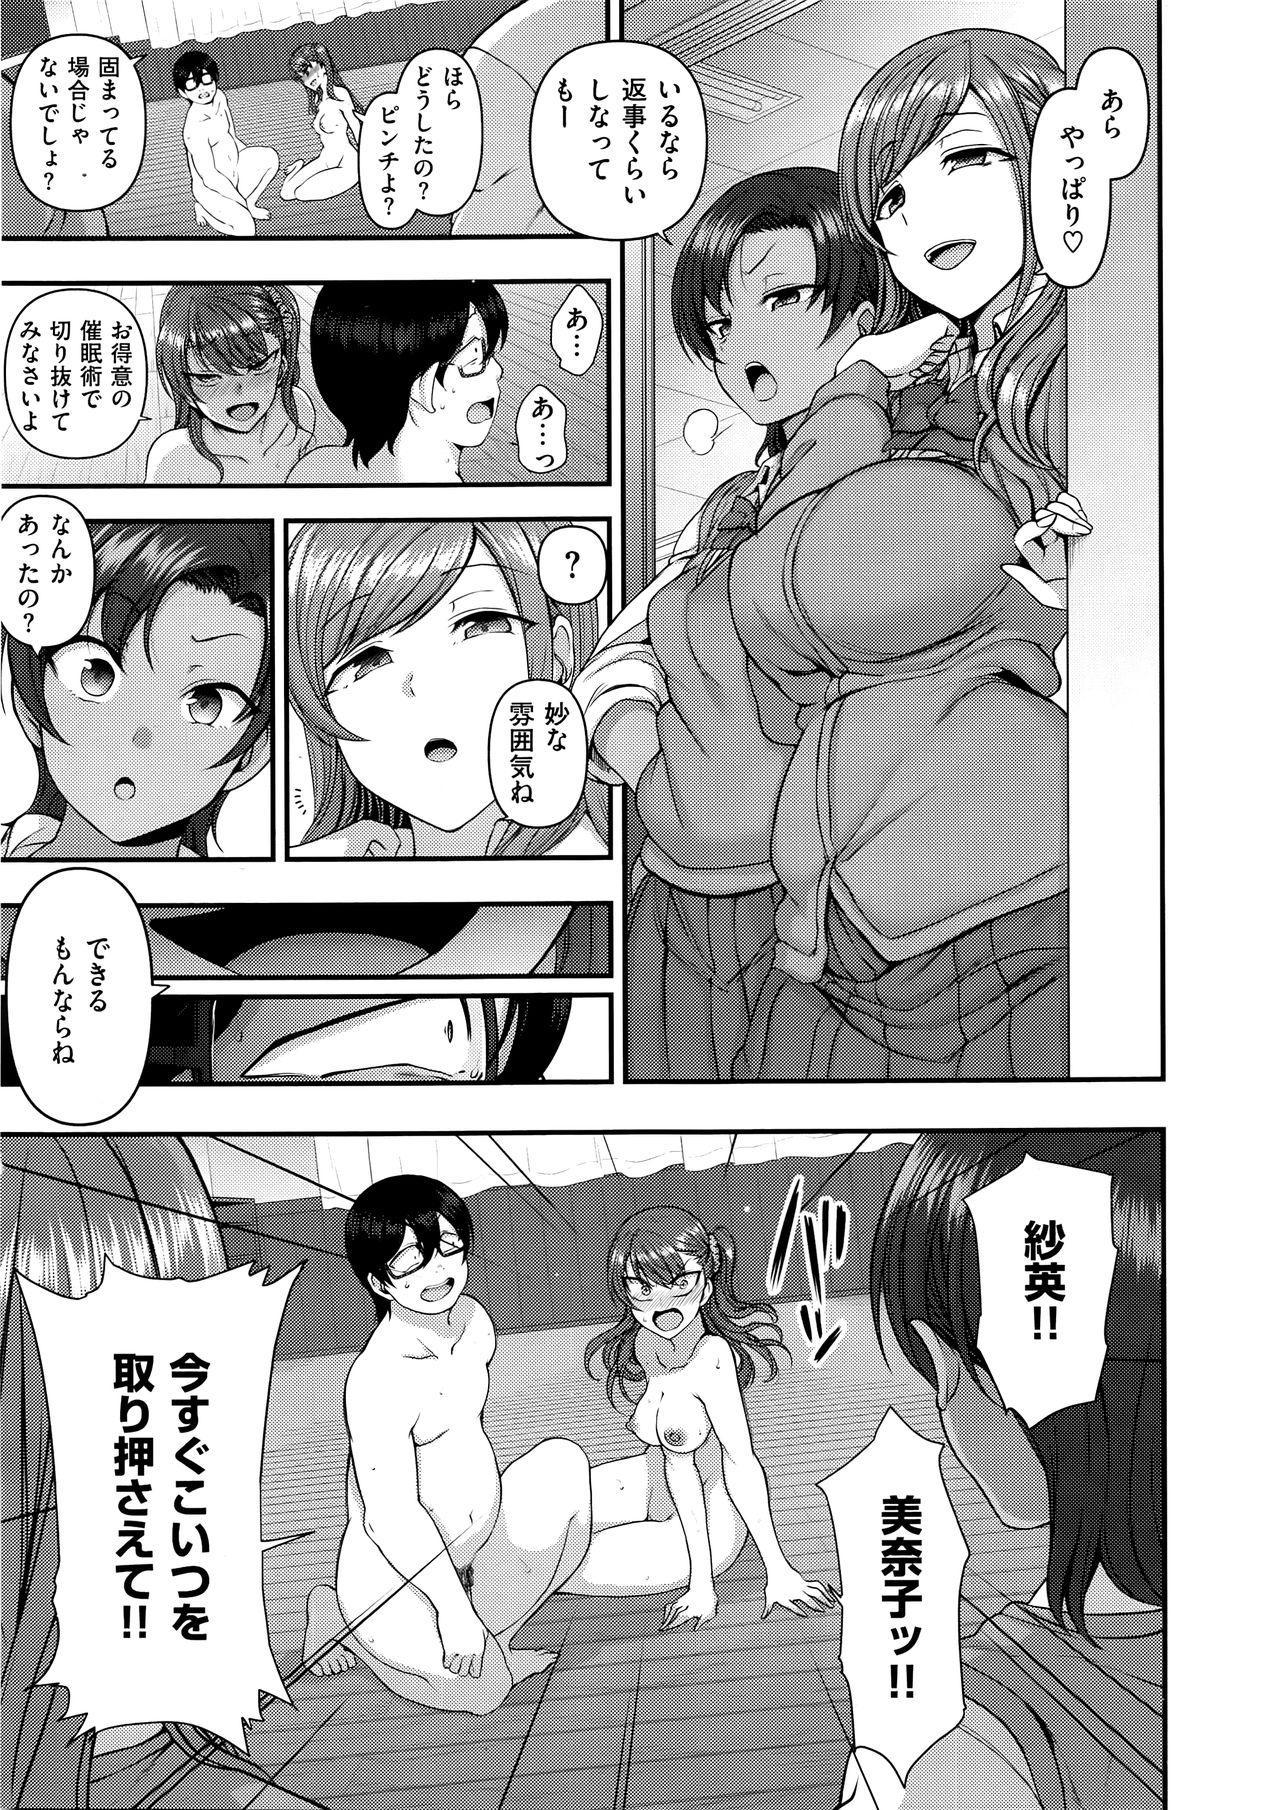 [Aiue Oka] Izirare ~Hukusyu Saimin~ #7  (COMIC X-EROS #73) 16